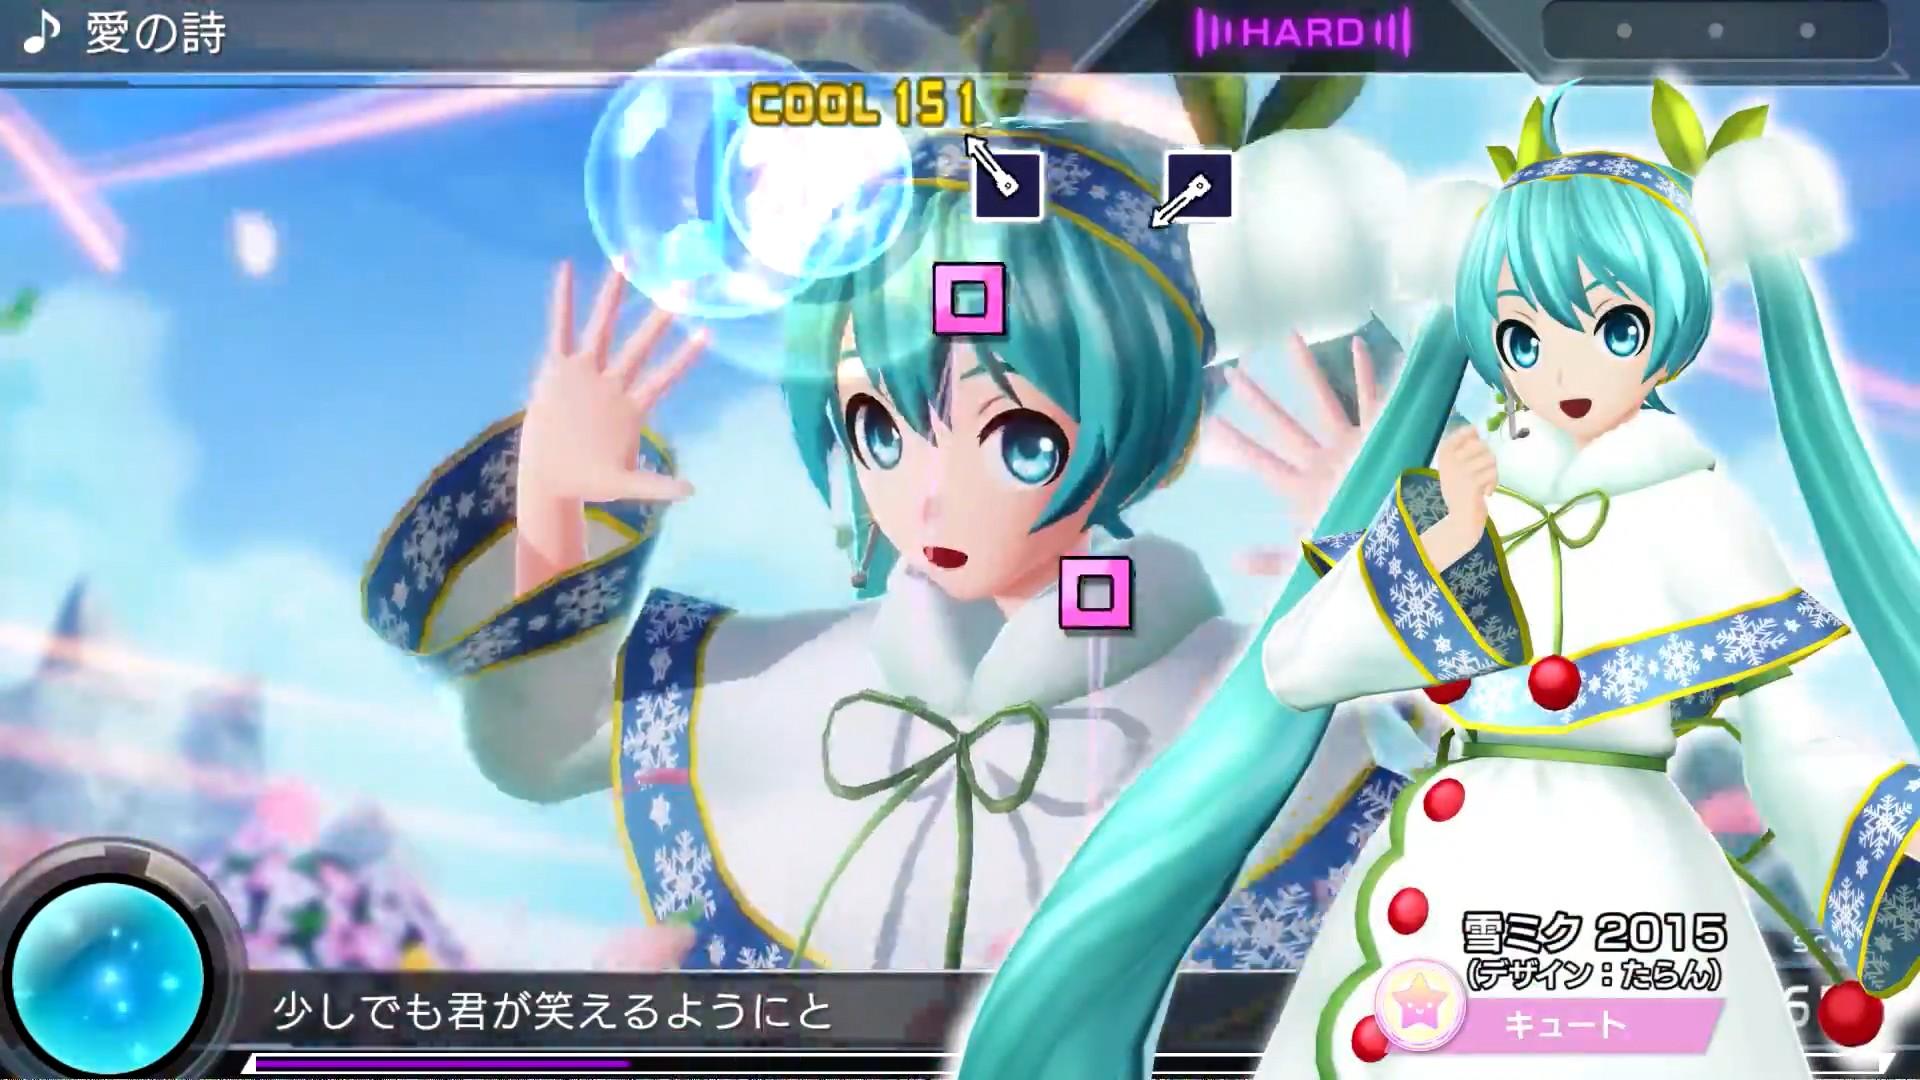 miku project diva Información adicional es el primer disco recopilatorio de canciones de los juegos de hatsune miku, es el primero de la serie project diva, su sucesor de la serie.